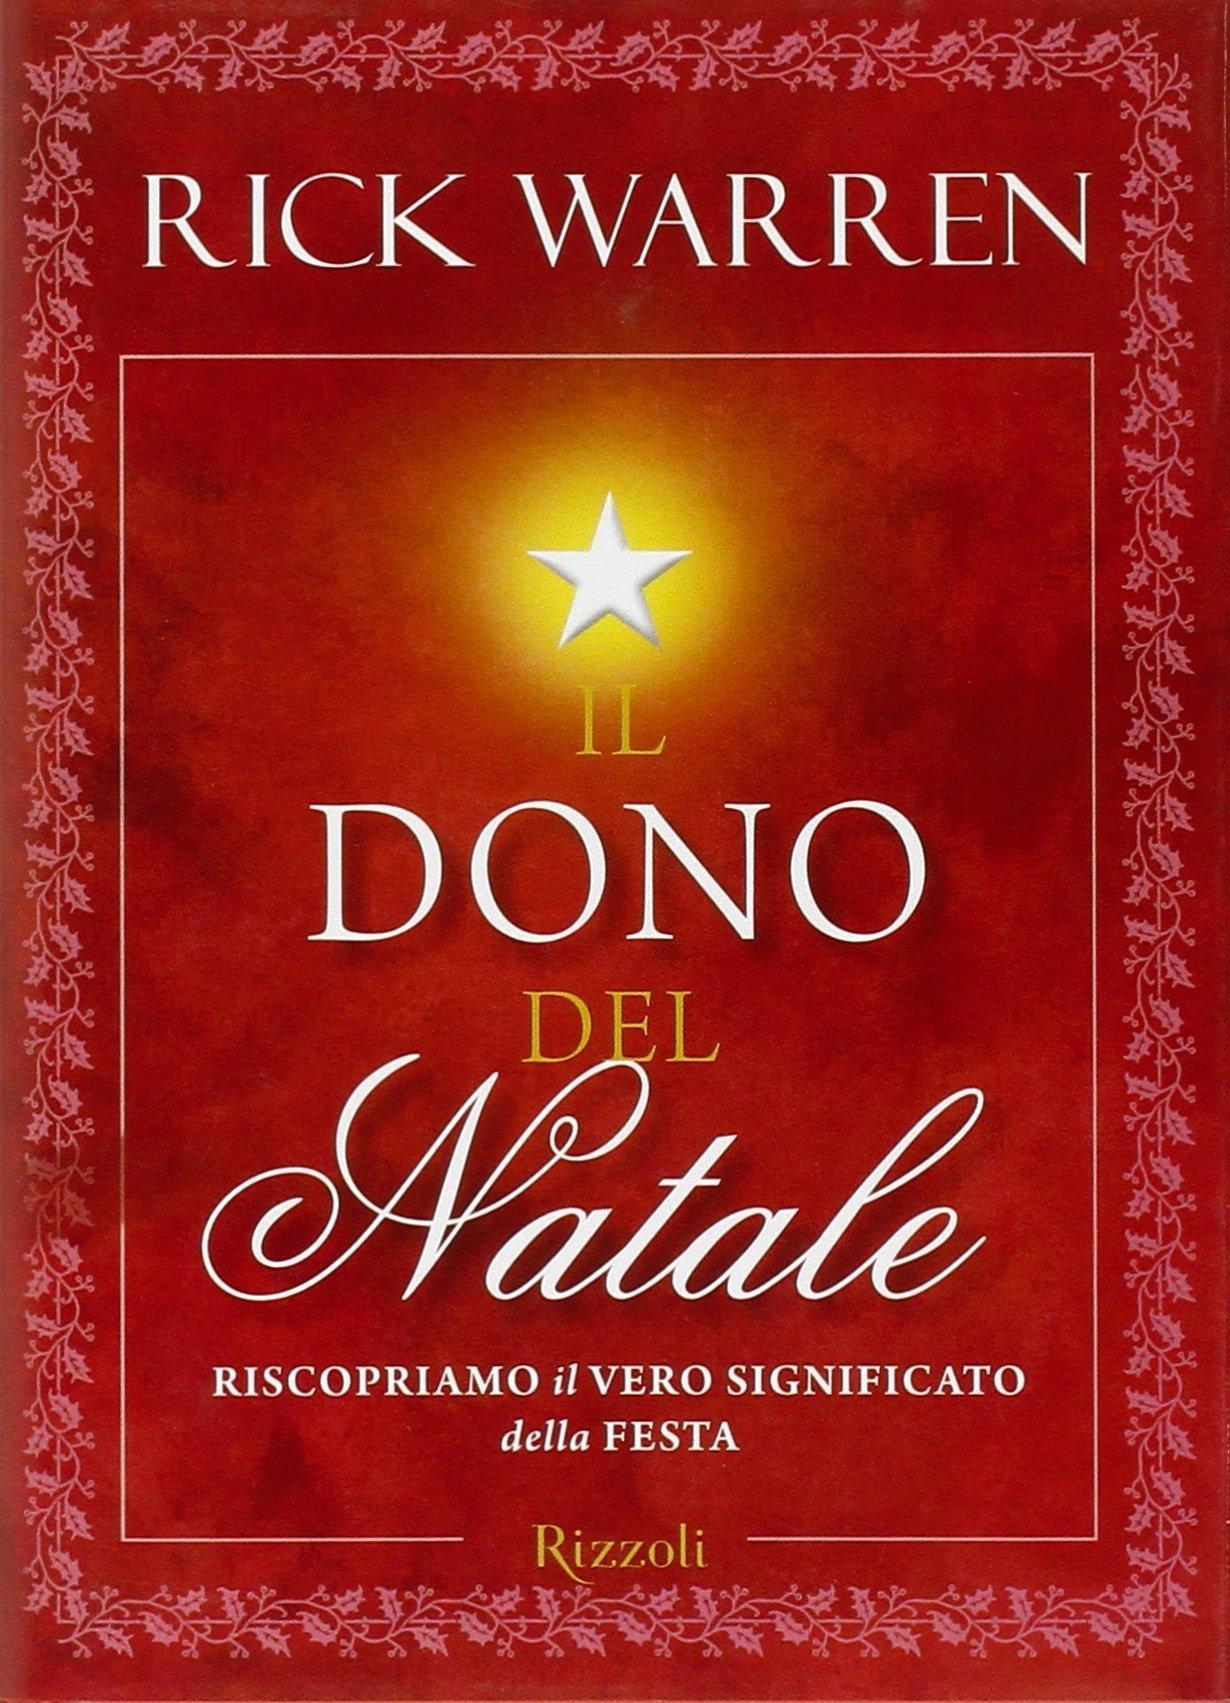 Significato Natale.Il Dono Del Natale Riscopriamo Il Vero Significato Della Festa Amazon It Warren Rick Bertolini L Libri